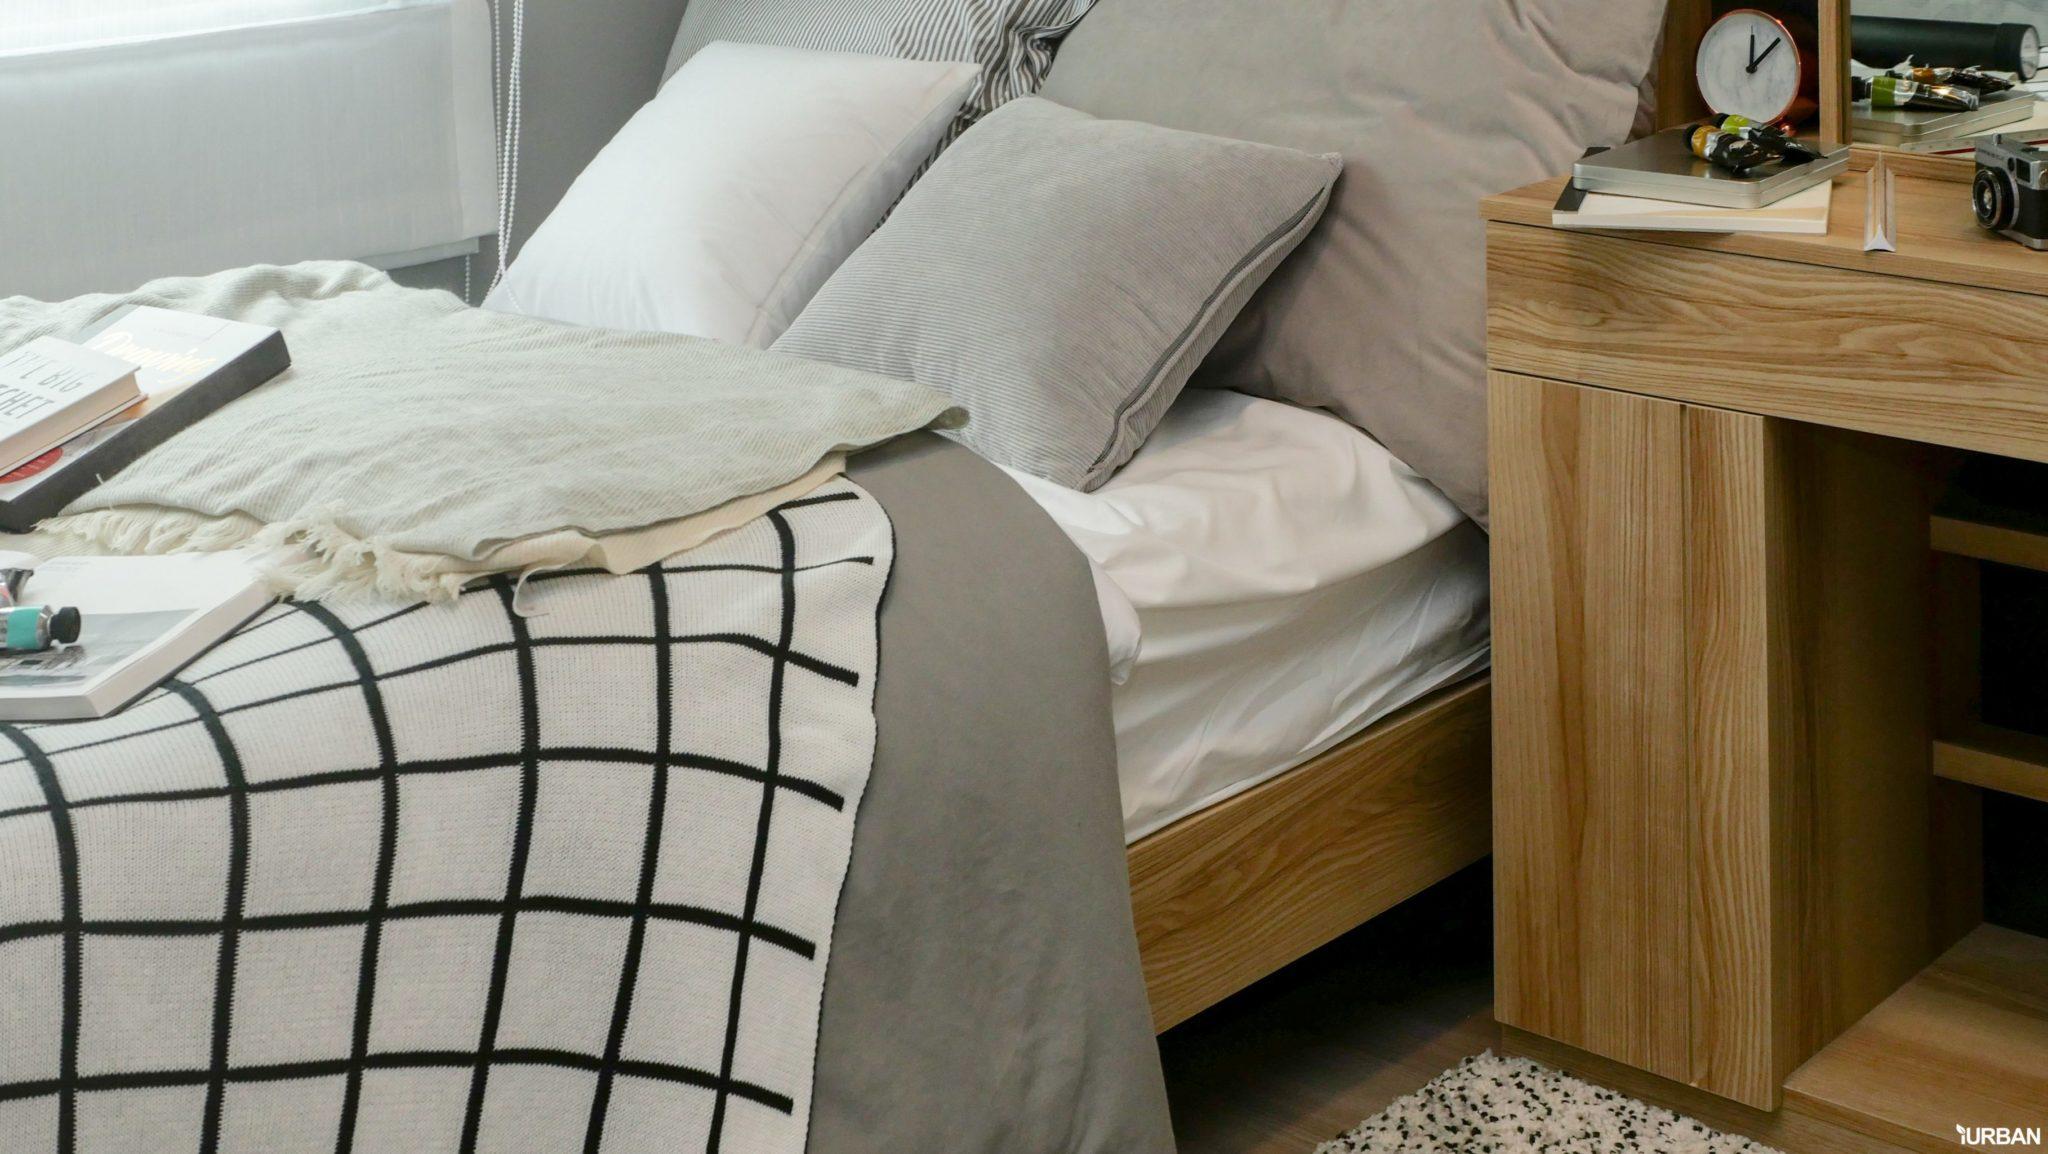 สิริ เพลส จรัญฯ-ปิ่นเกล้า ทาวน์โฮมแสนสิริสะท้อนทุกไลฟ์สไตล์ในแบบคุณ 47 - Premium